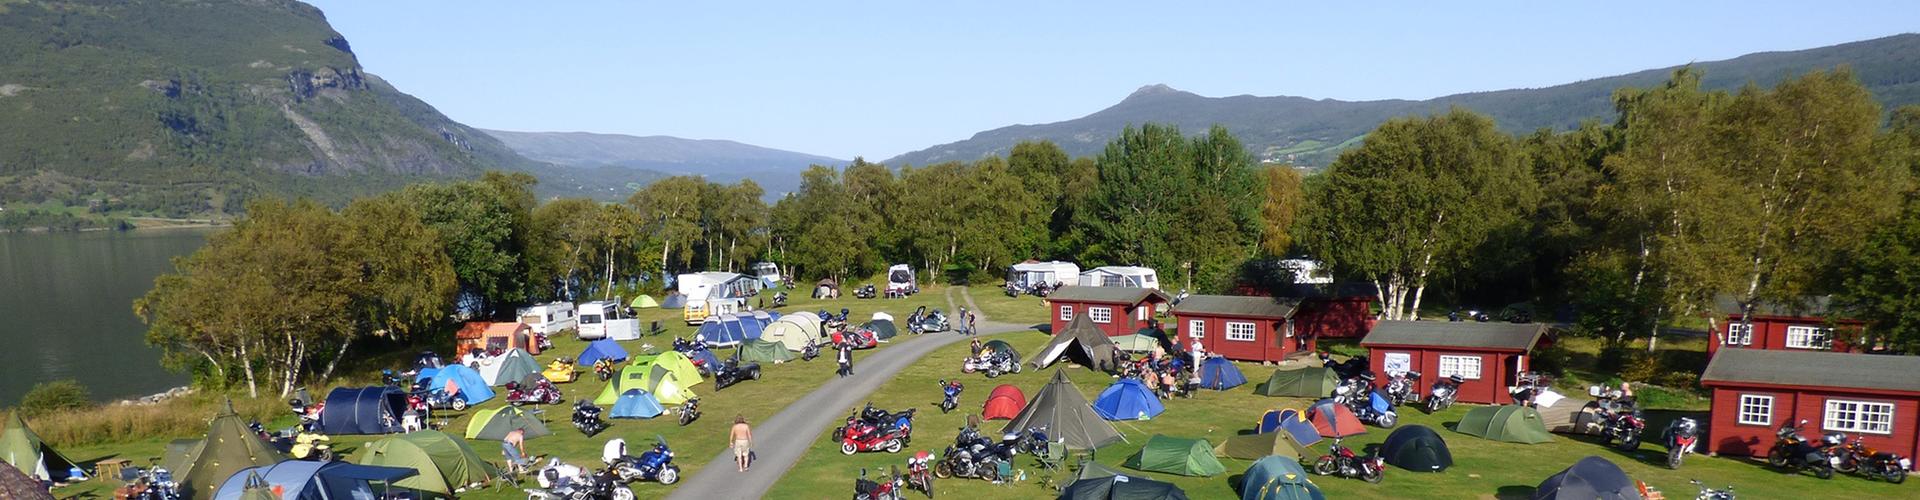 Bøflaten-campingplassen